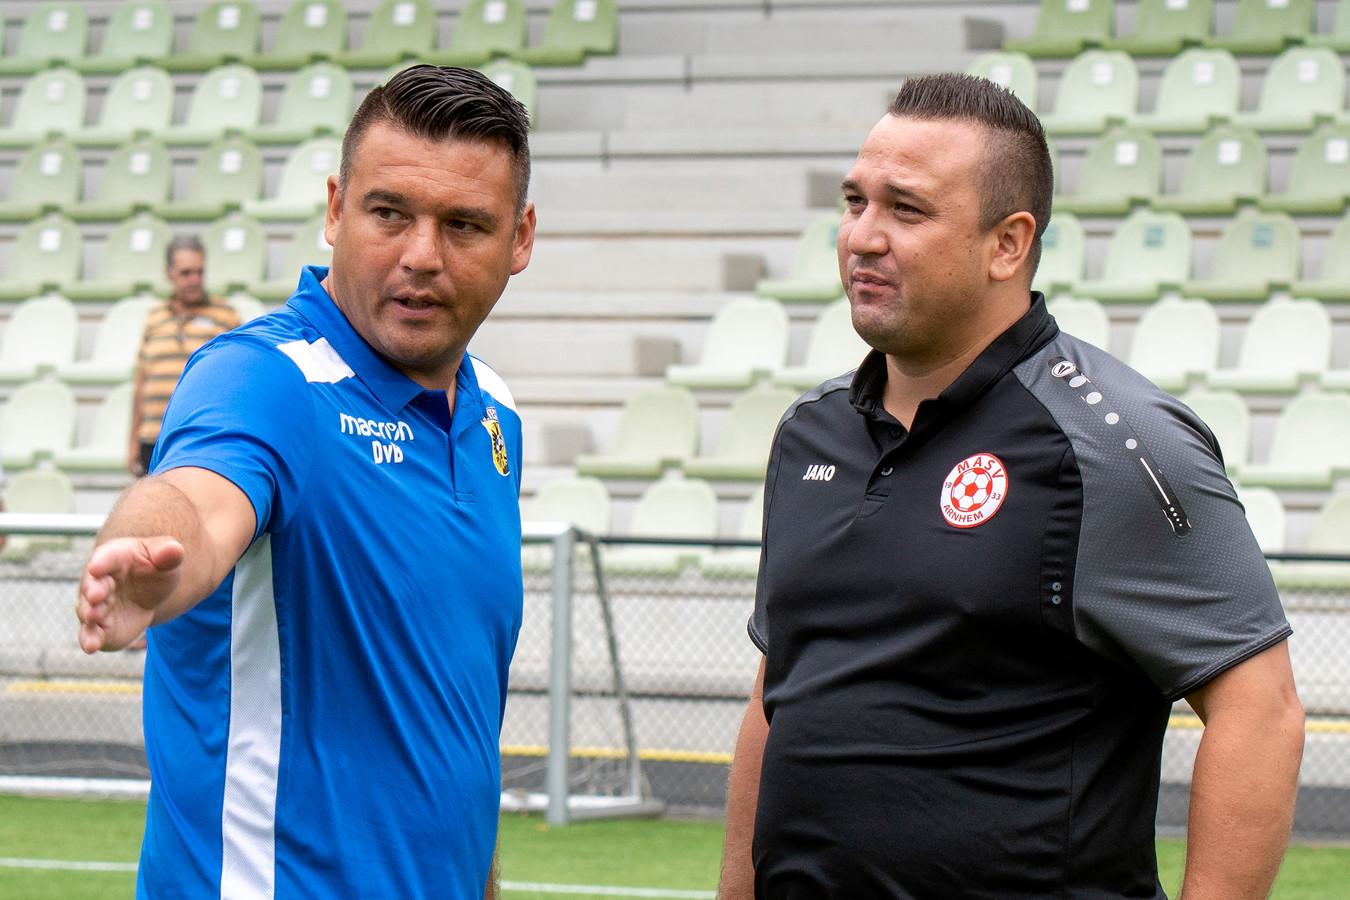 Links Jhon Van Beukering als trainer van MASV, luisterend naar broer Dennis die zowel Vitesse Onder19 als hoofdklasser Silvolde traint.